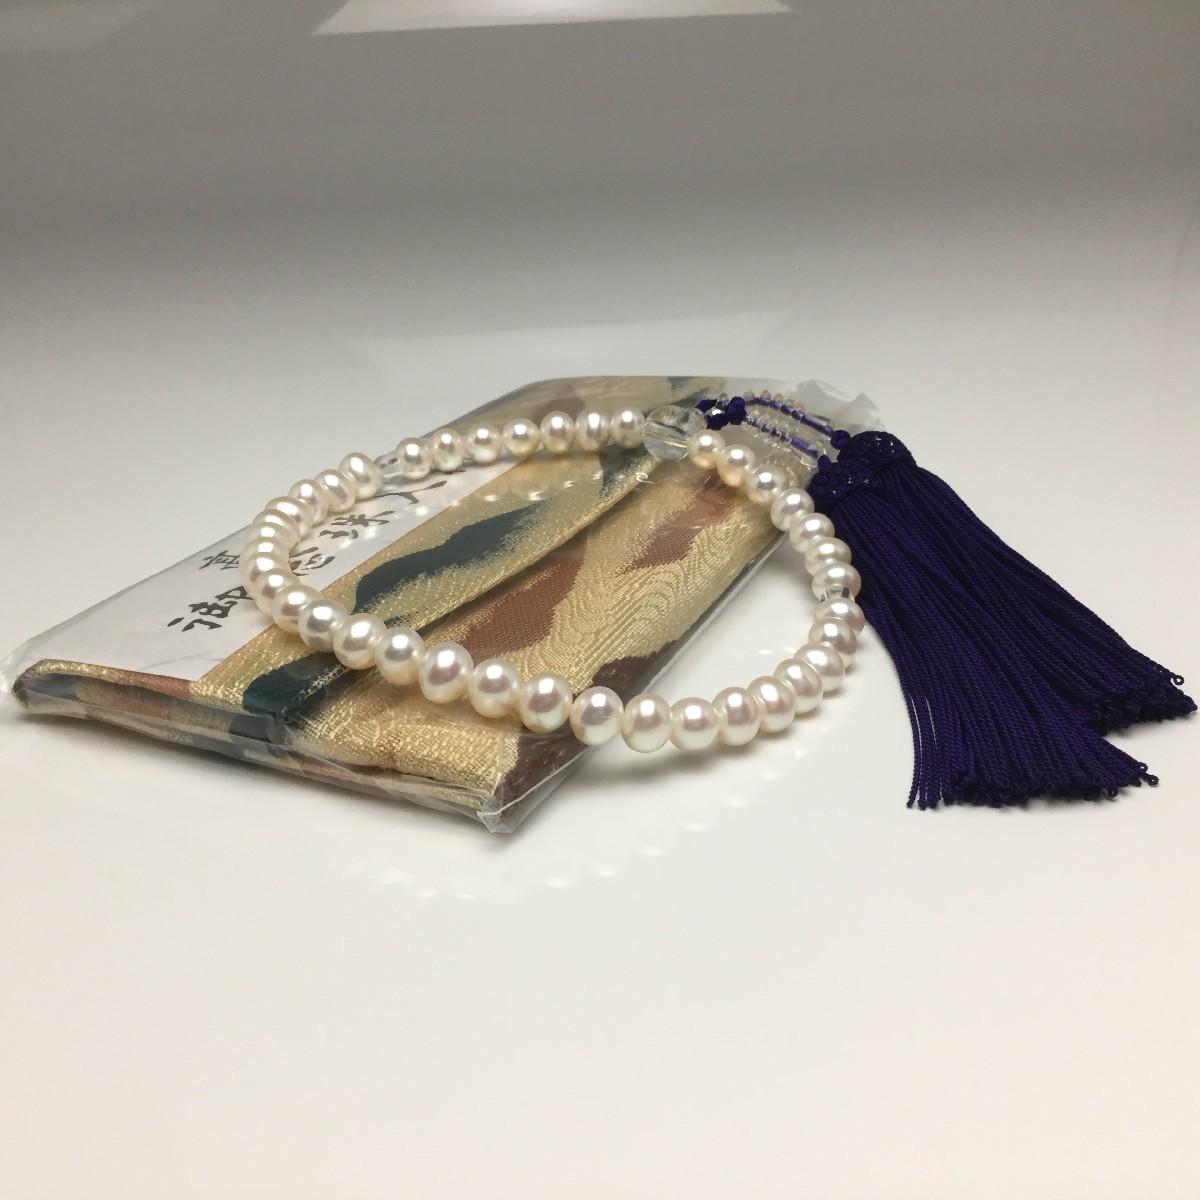 真珠 念珠(数珠) パール アコヤ真珠 7.5-8.0mm ホワイト 正絹房 水晶(クォーツ) 67273 イソワパール